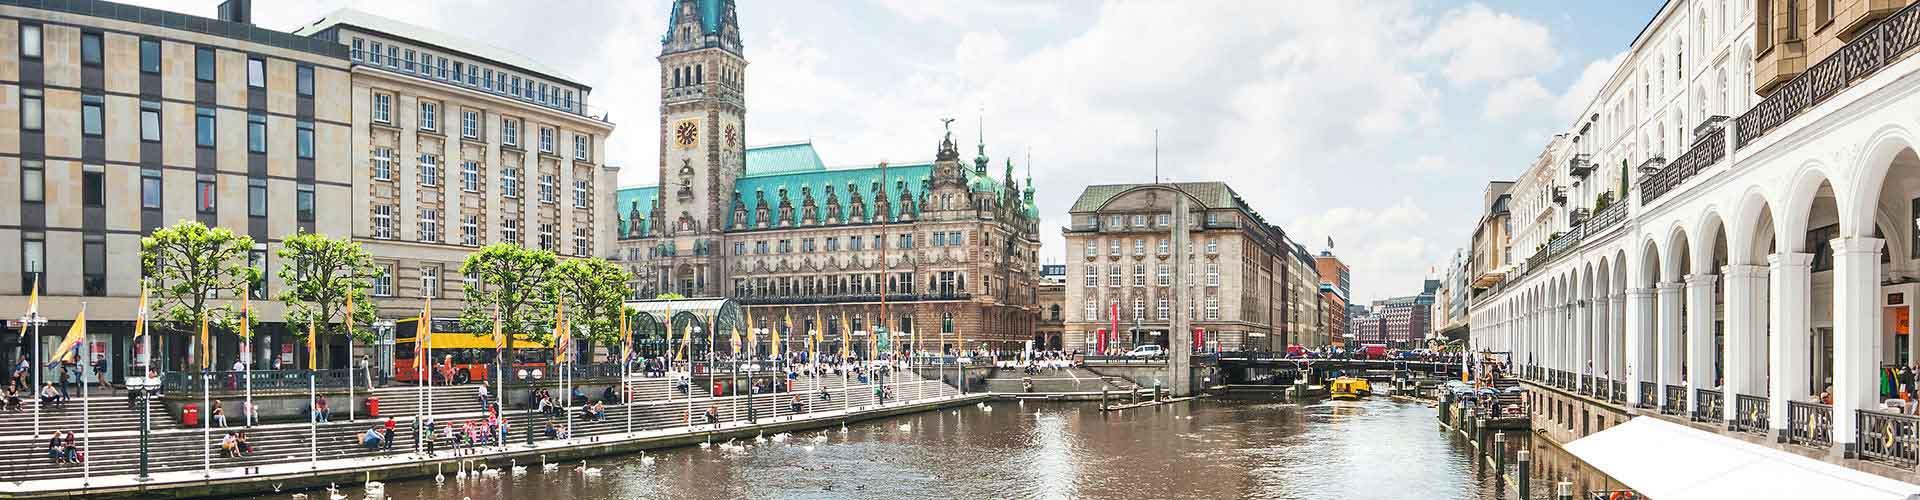 Hamburgo – Camping em Hamburgo. Mapas para Hamburgo, Fotos e Avaliações para cada camping em Hamburgo.